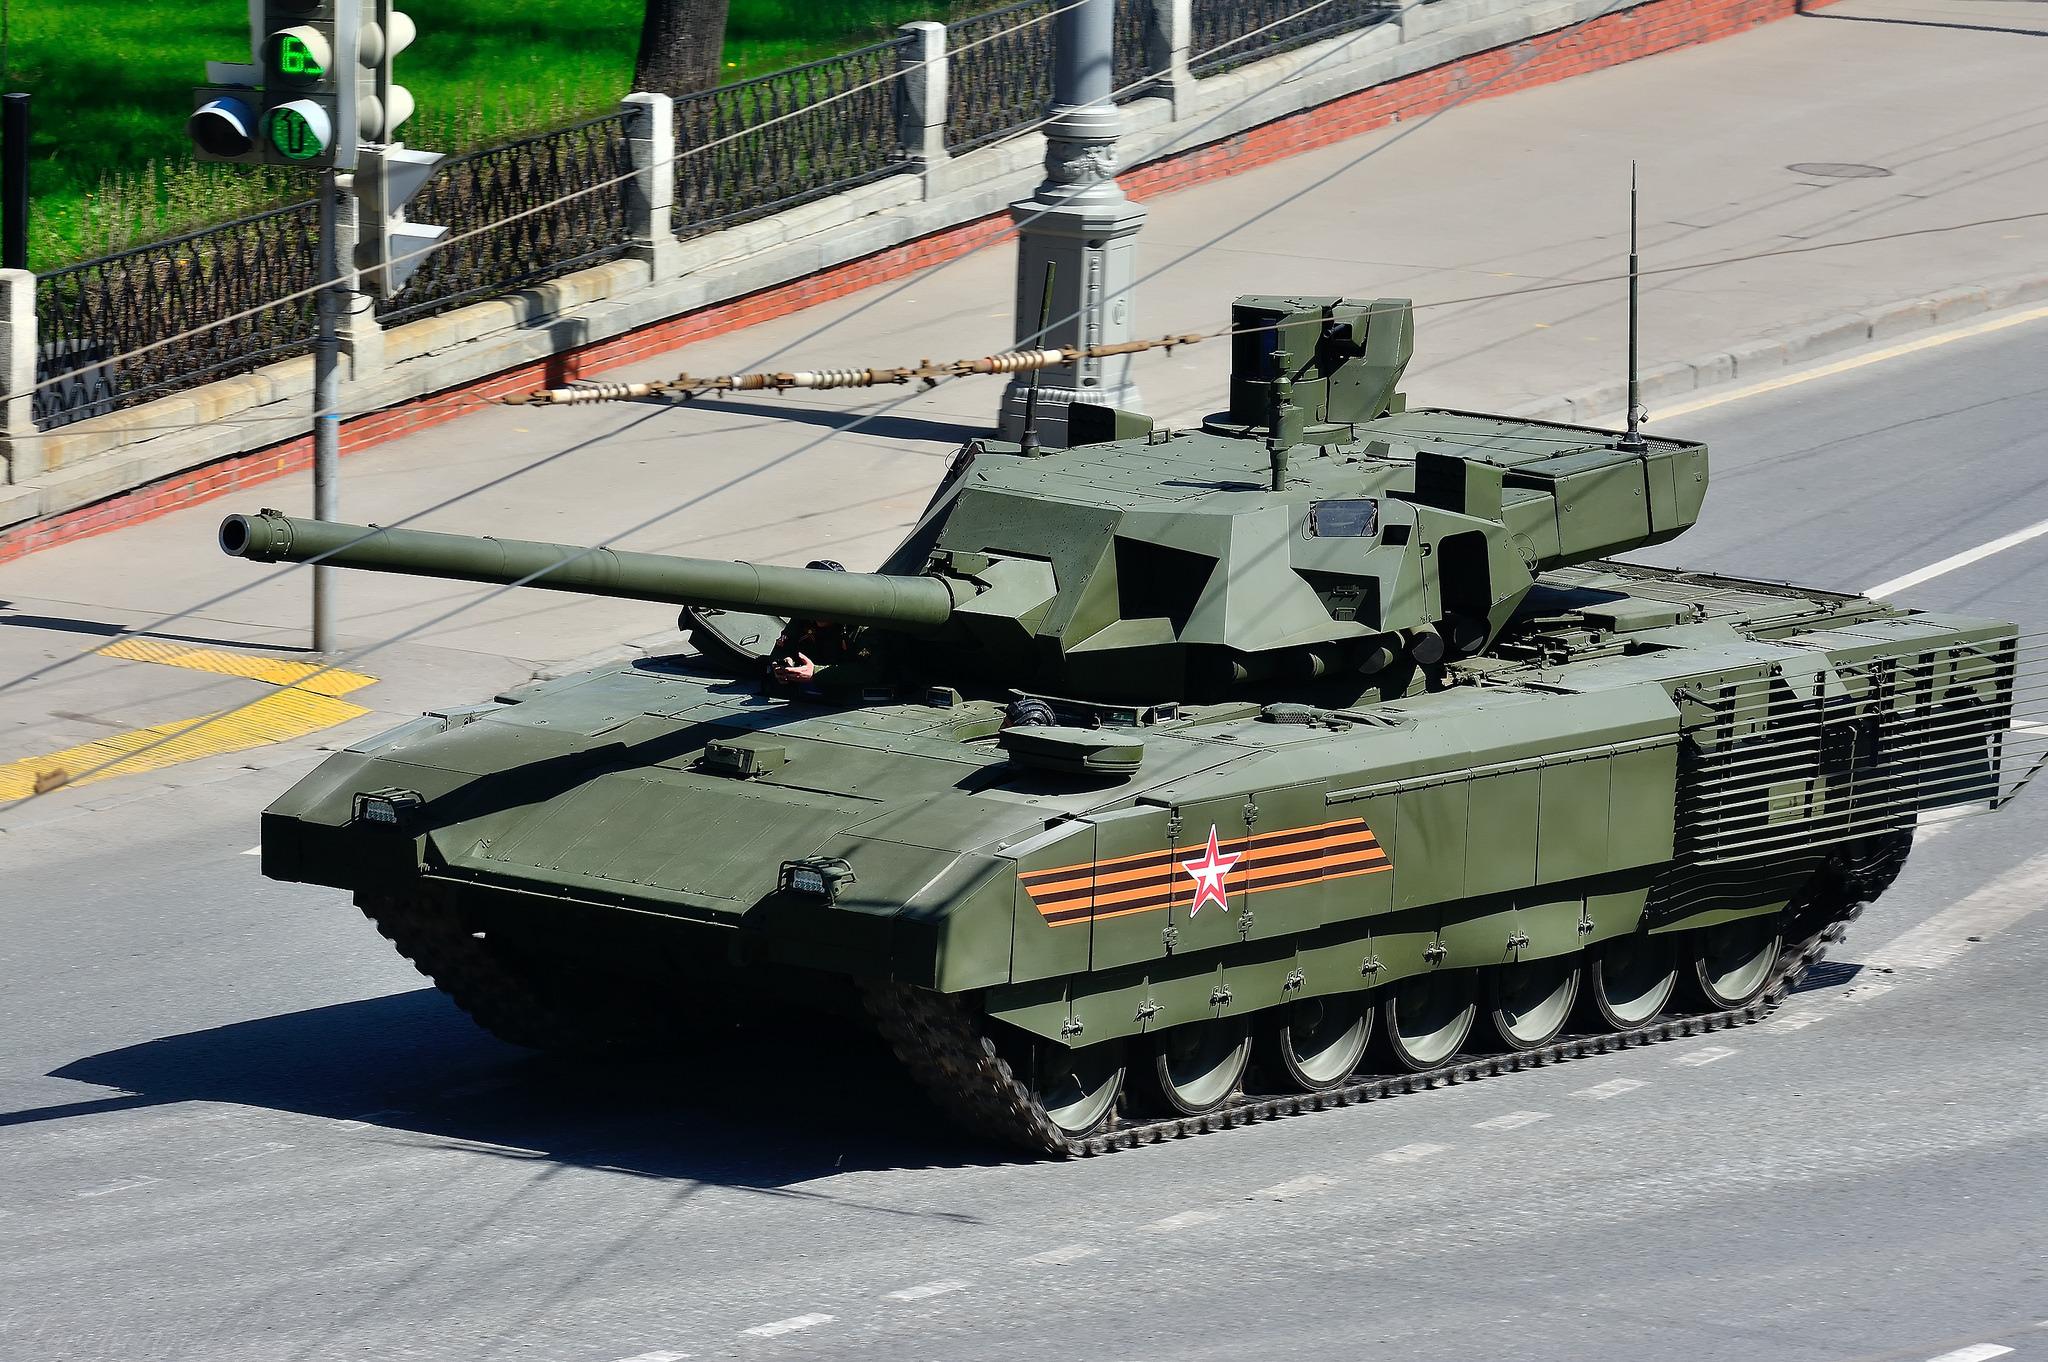 Топ 10 Самые лучшие и мощные танки в мире